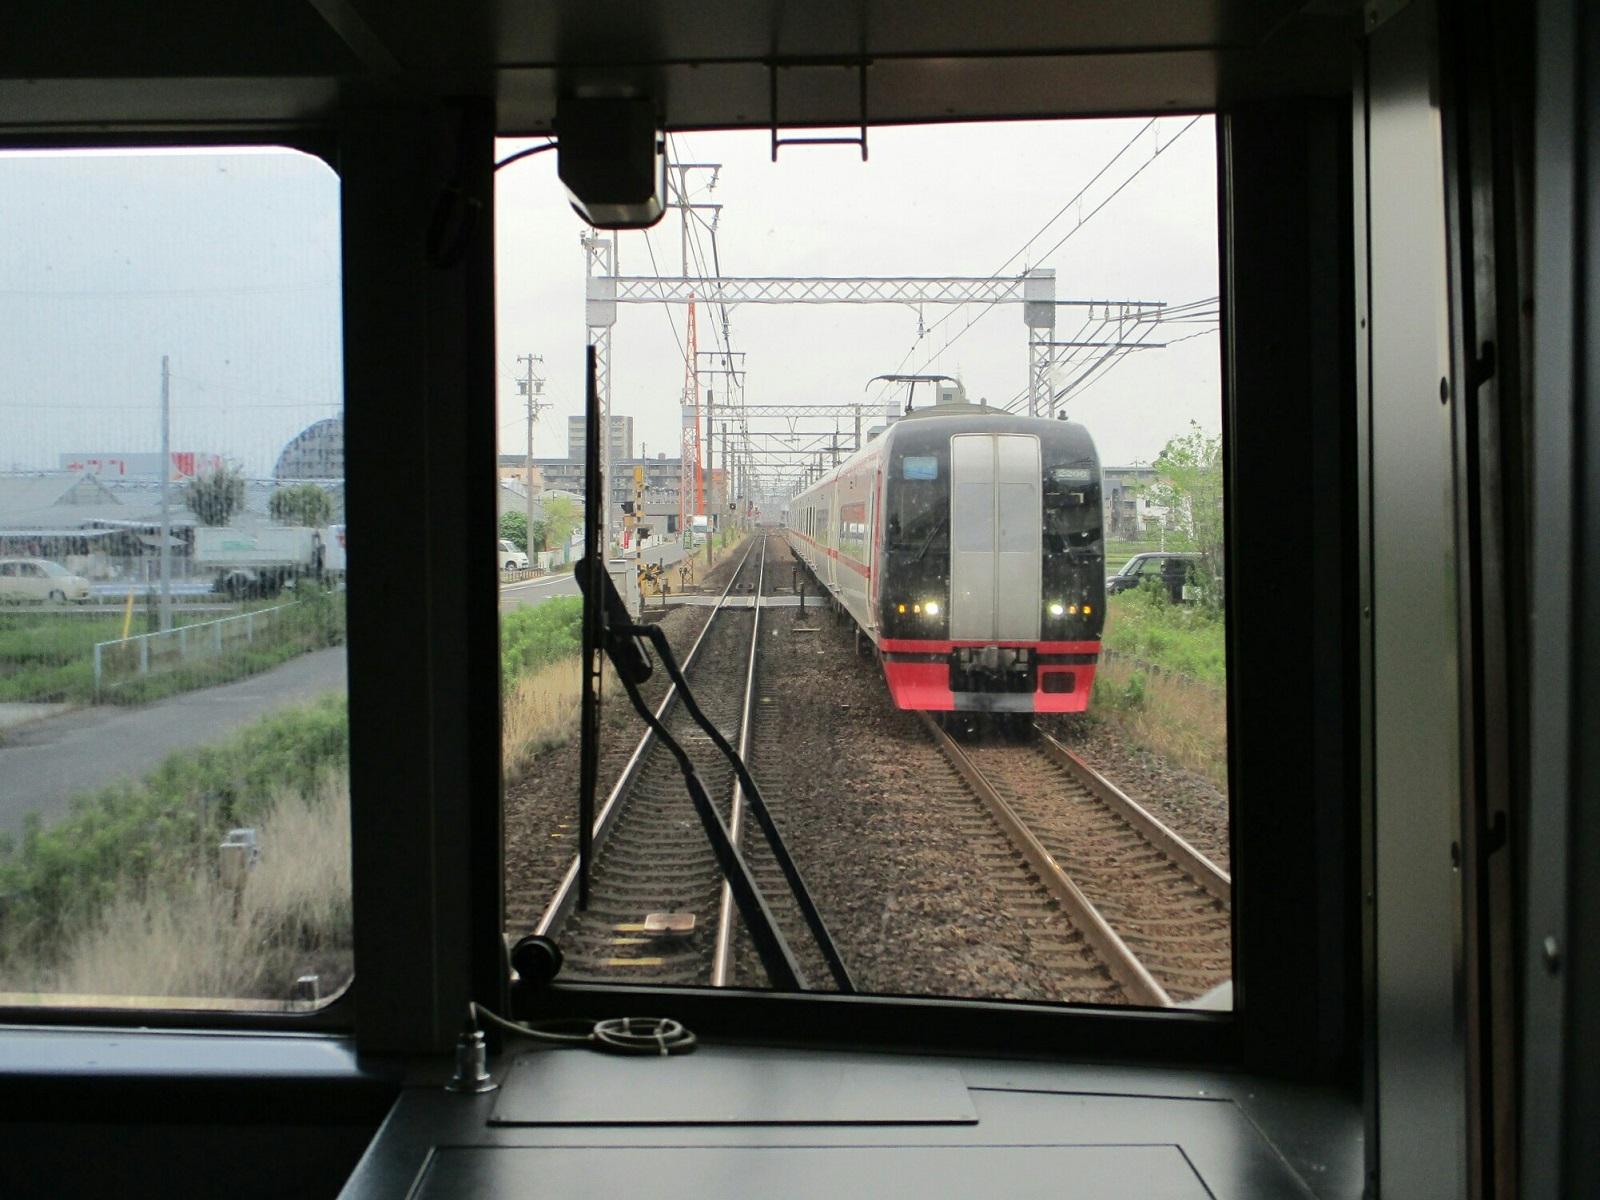 2018.6.28 (10) 岐阜いき特急 - 新木曽川てまえ(豊橋いき快速特急) 1600-1200